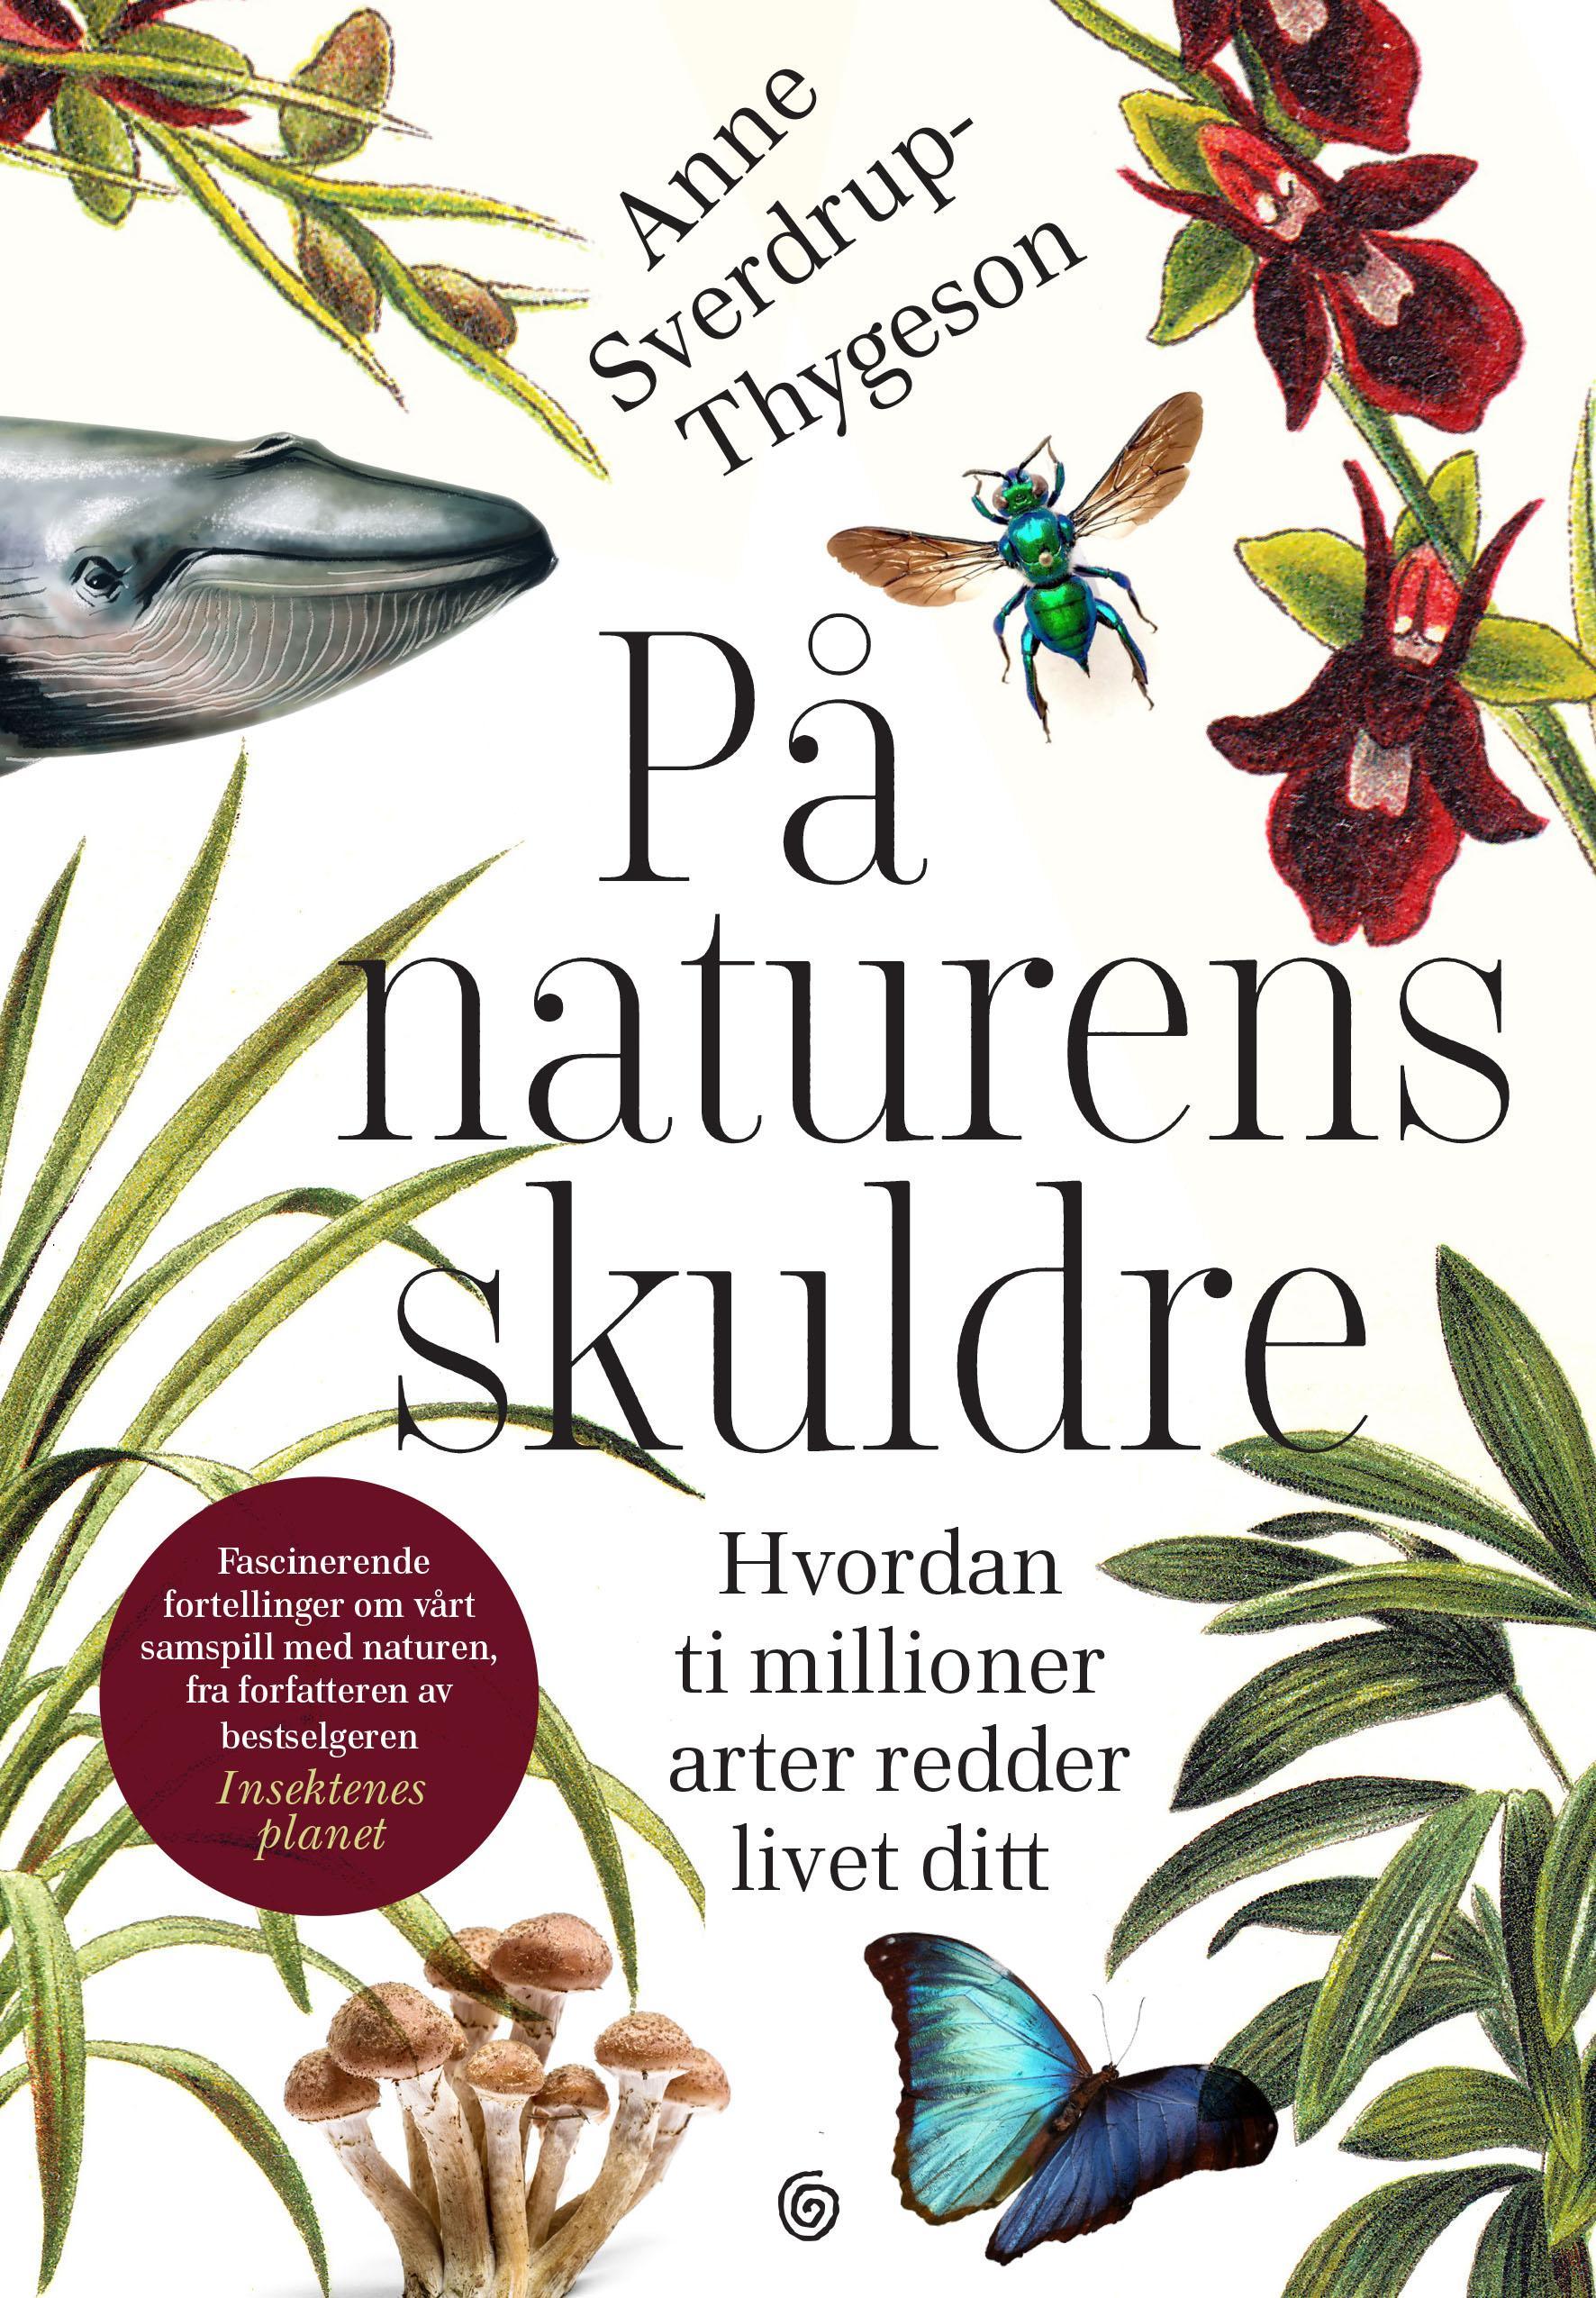 """""""På naturens skuldre - hvordan ti millioner arter redder livet ditt"""" av Anne Sverdrup-Thygeson"""